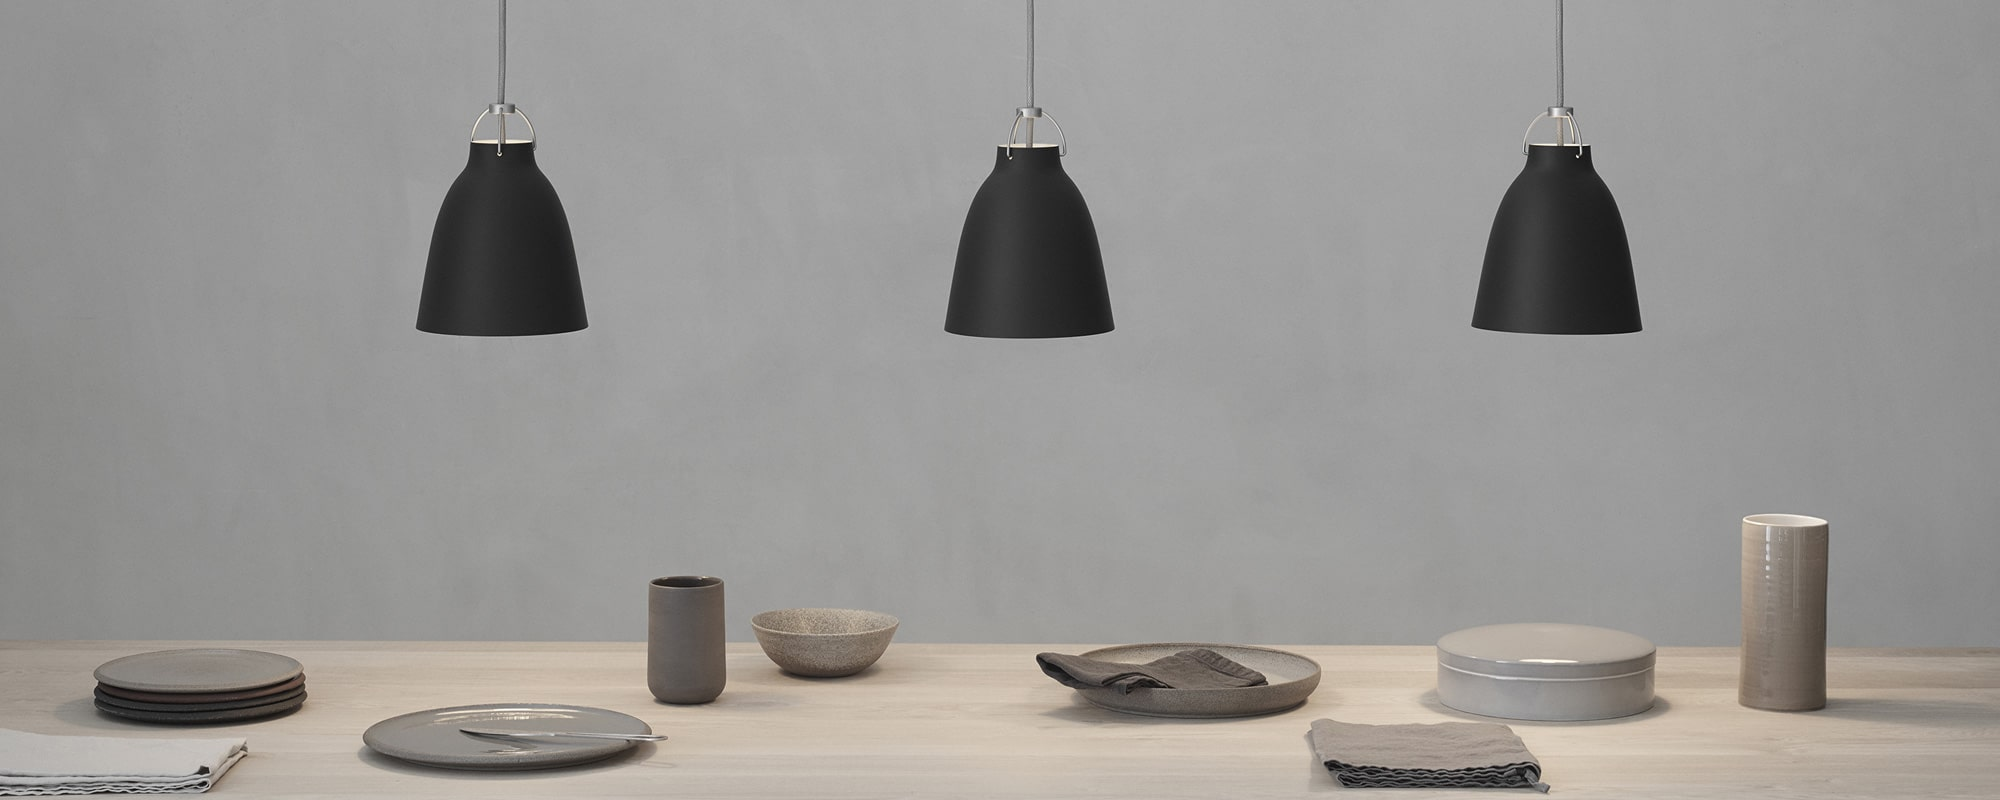 Küchenleuchte mit Stil Teil 1 Designort Blog Berlin